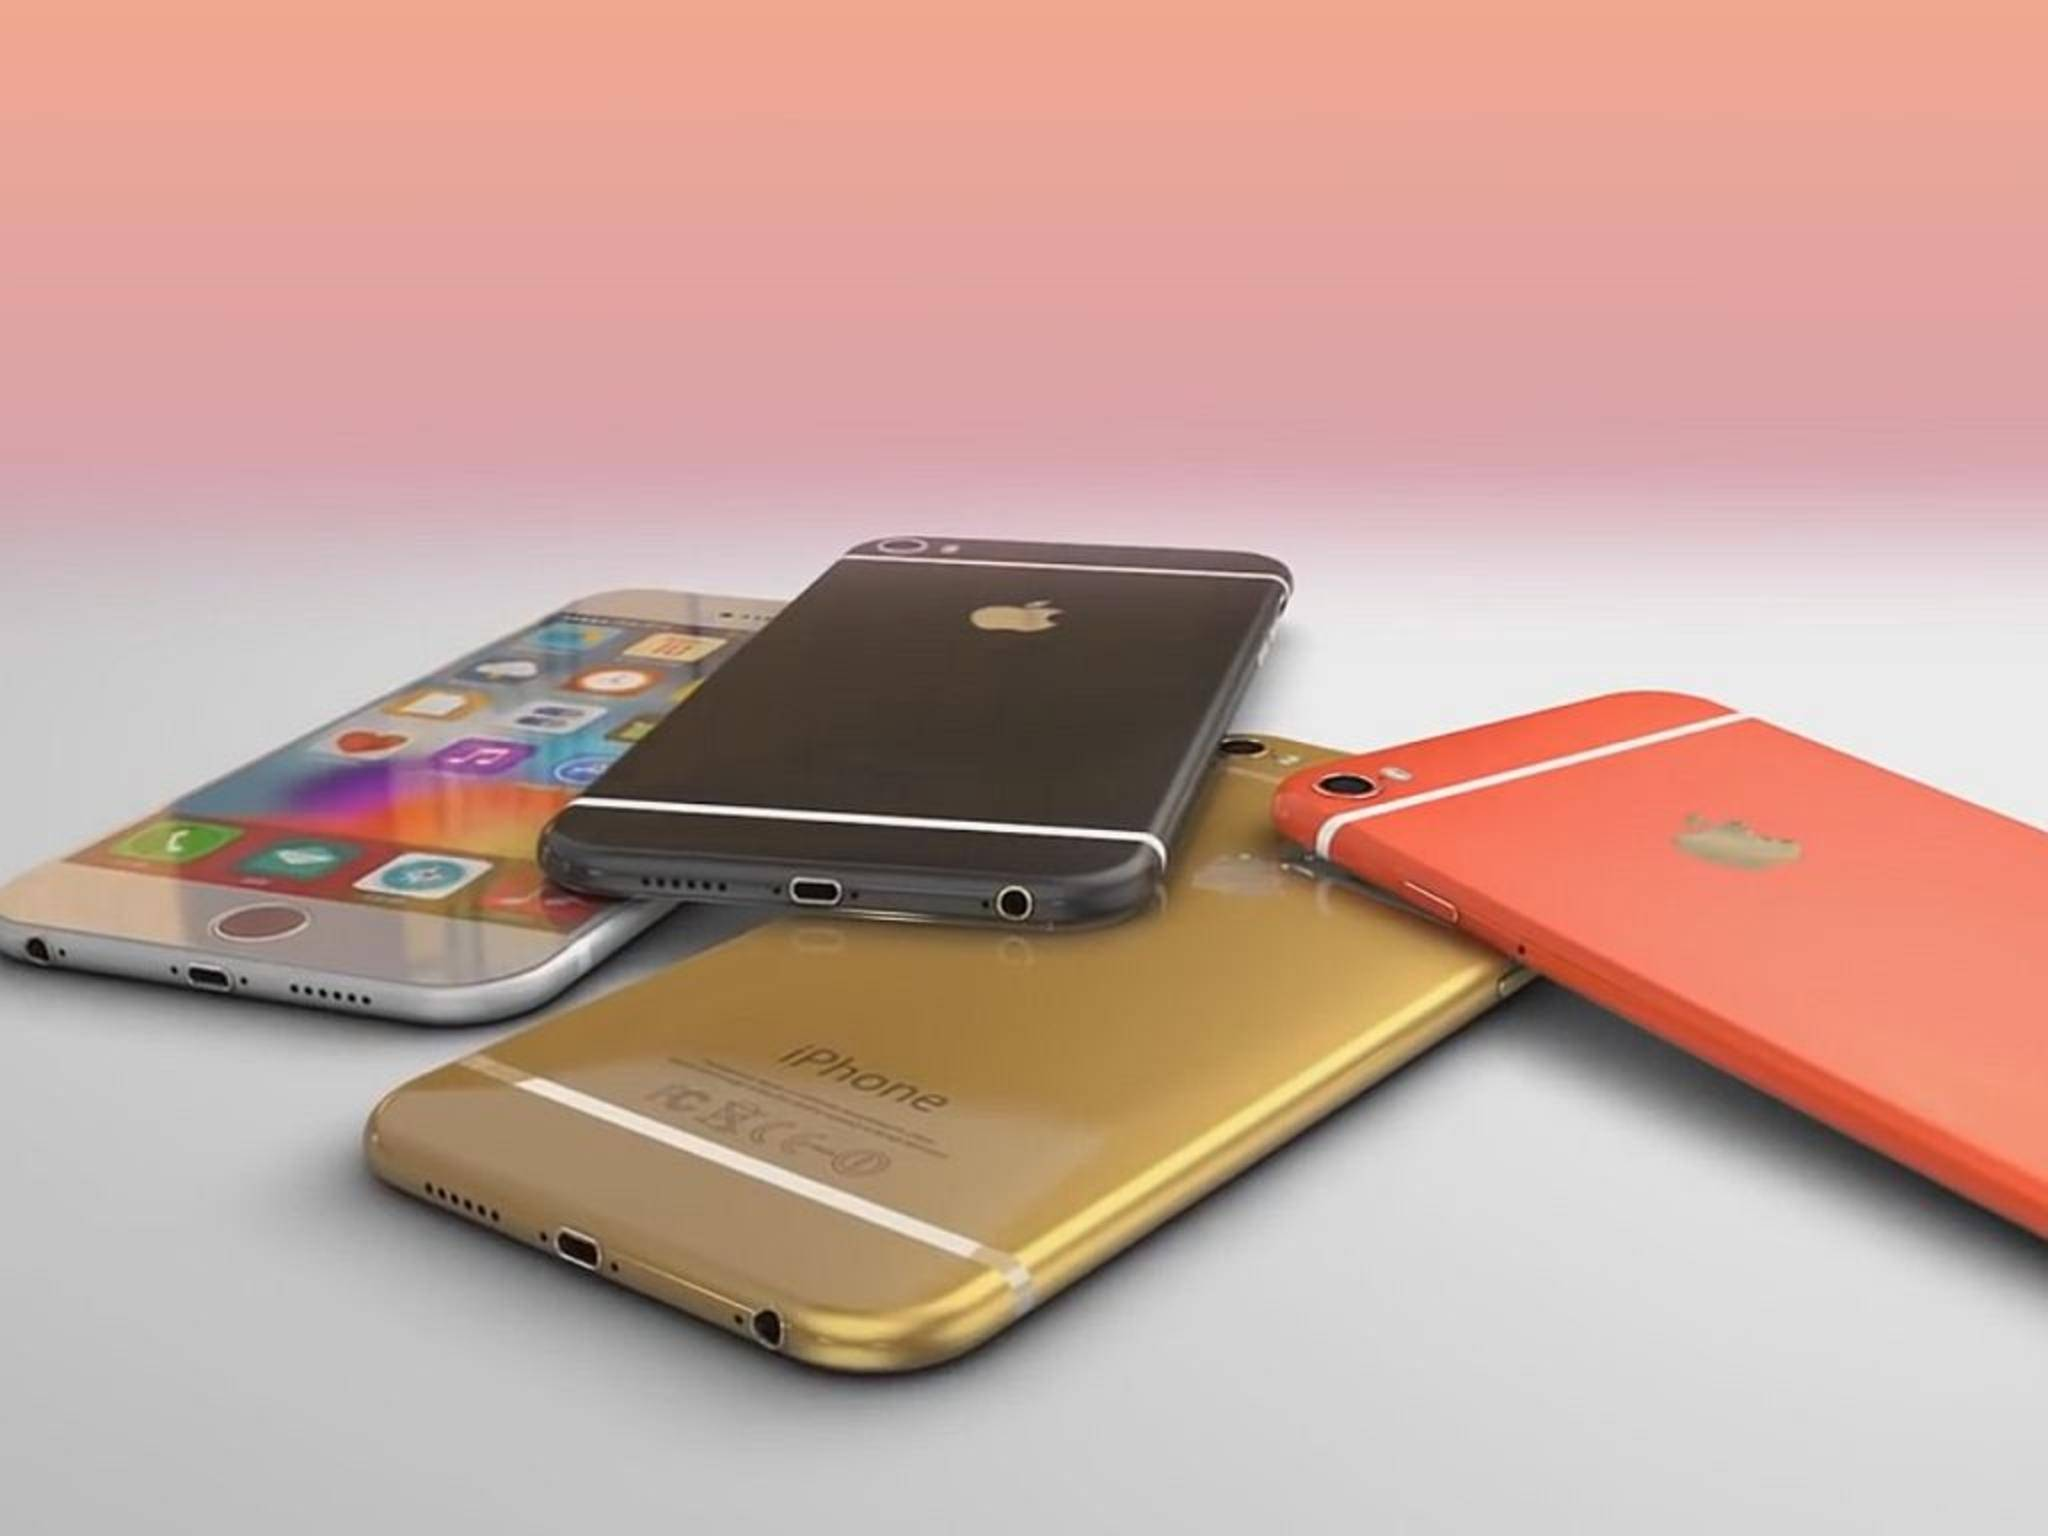 Ab dem 11. September kann man sich das iPhone 6s wohl sichern - aber wirklich in vielen bunten Farben?